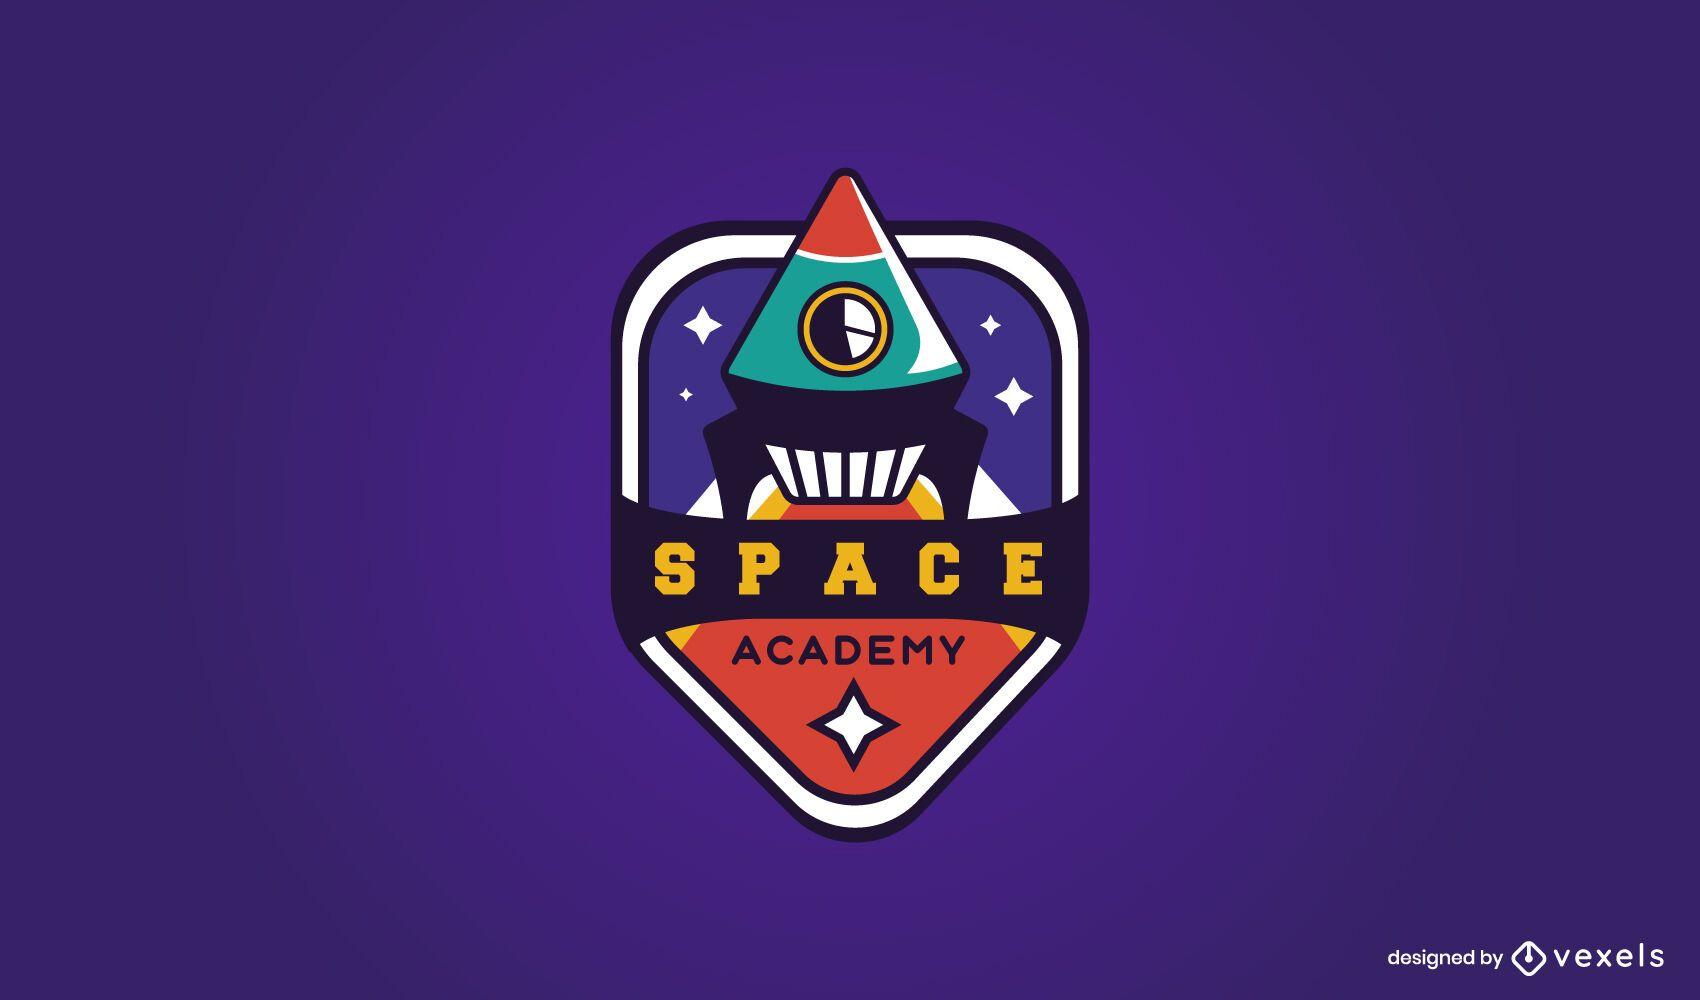 Space academy logo design